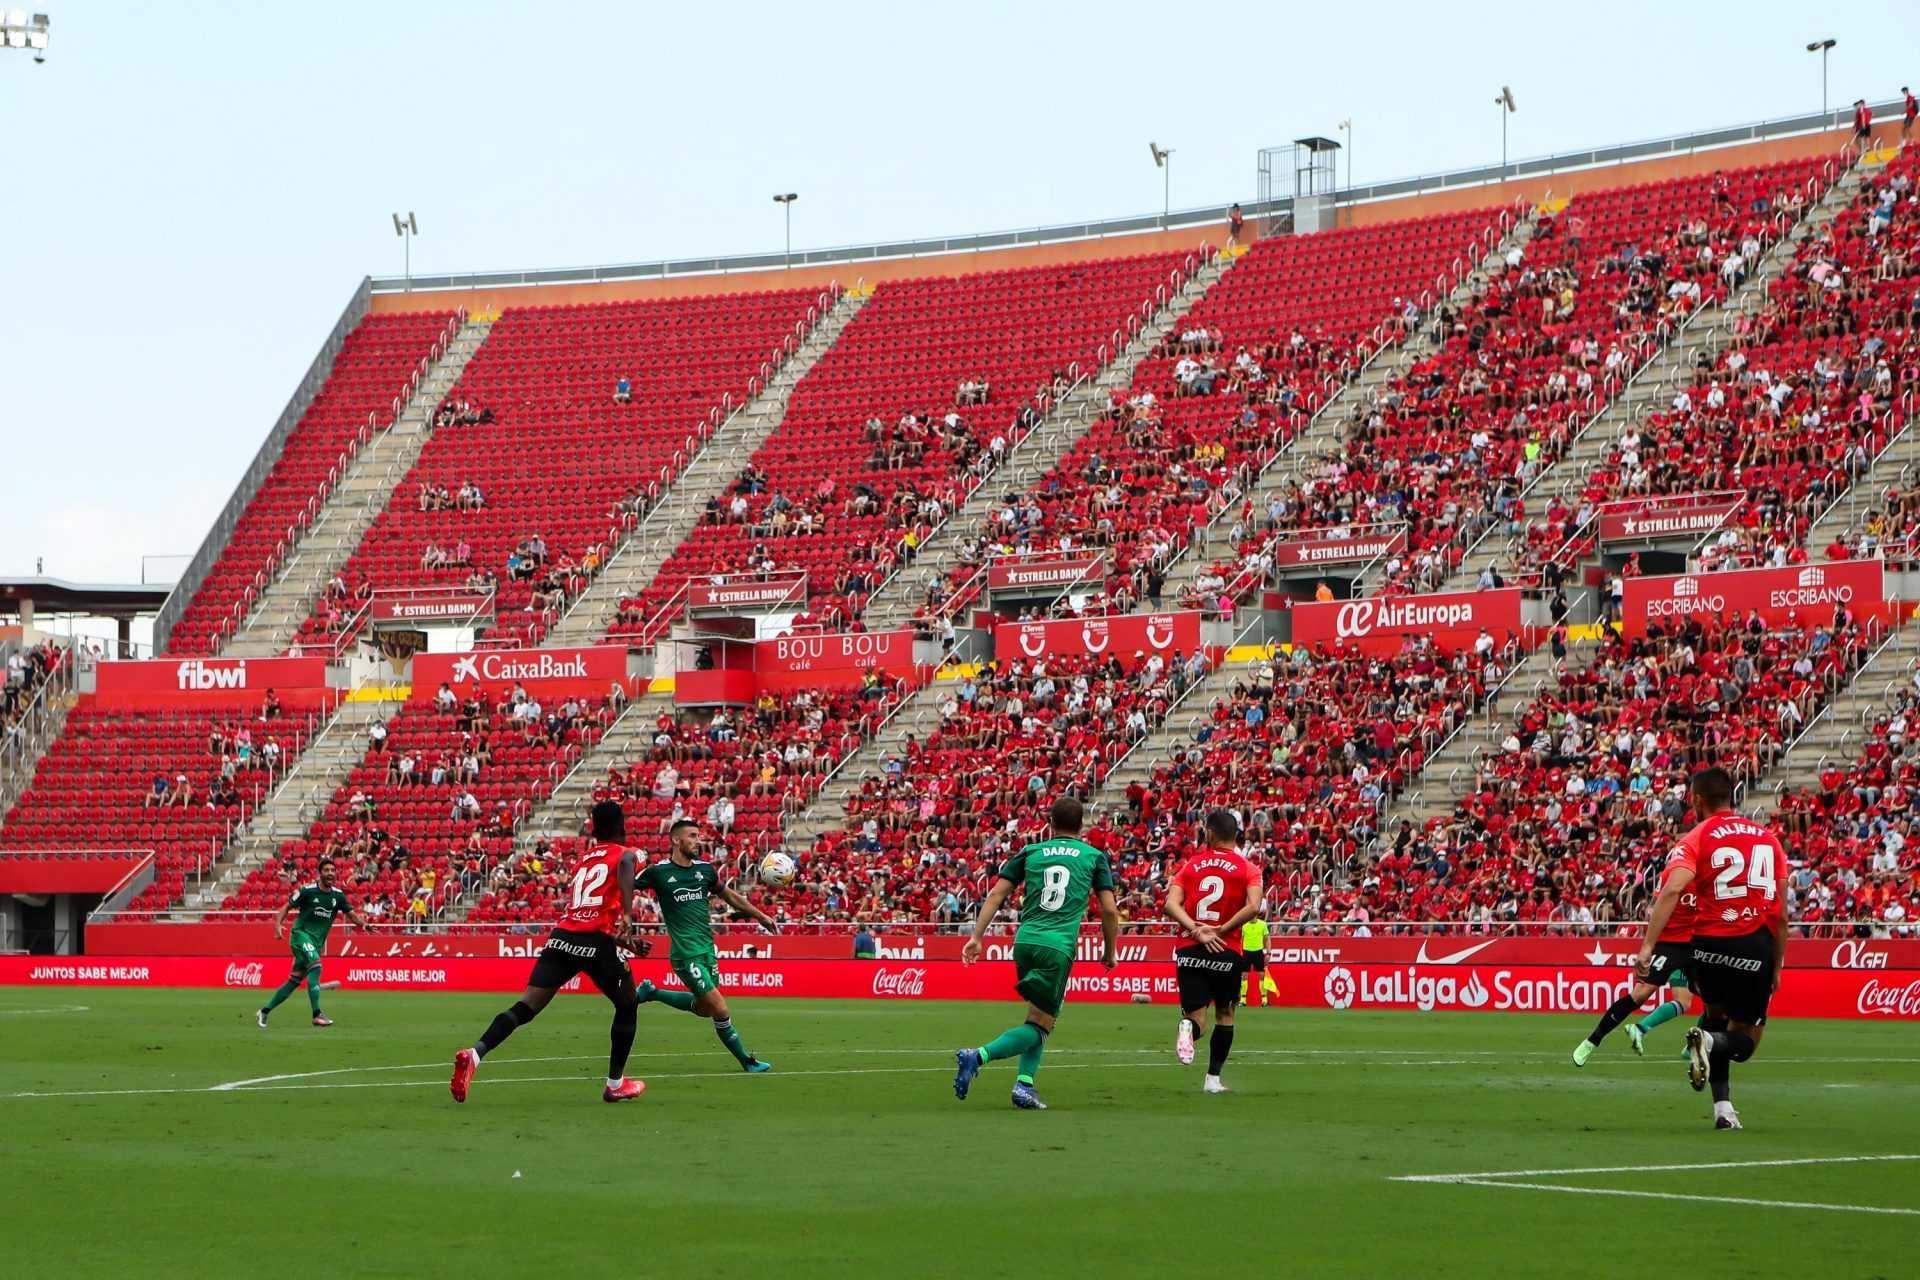 Liga, giornata 7: clamoroso ko dell'Atlético, pareggia il Real